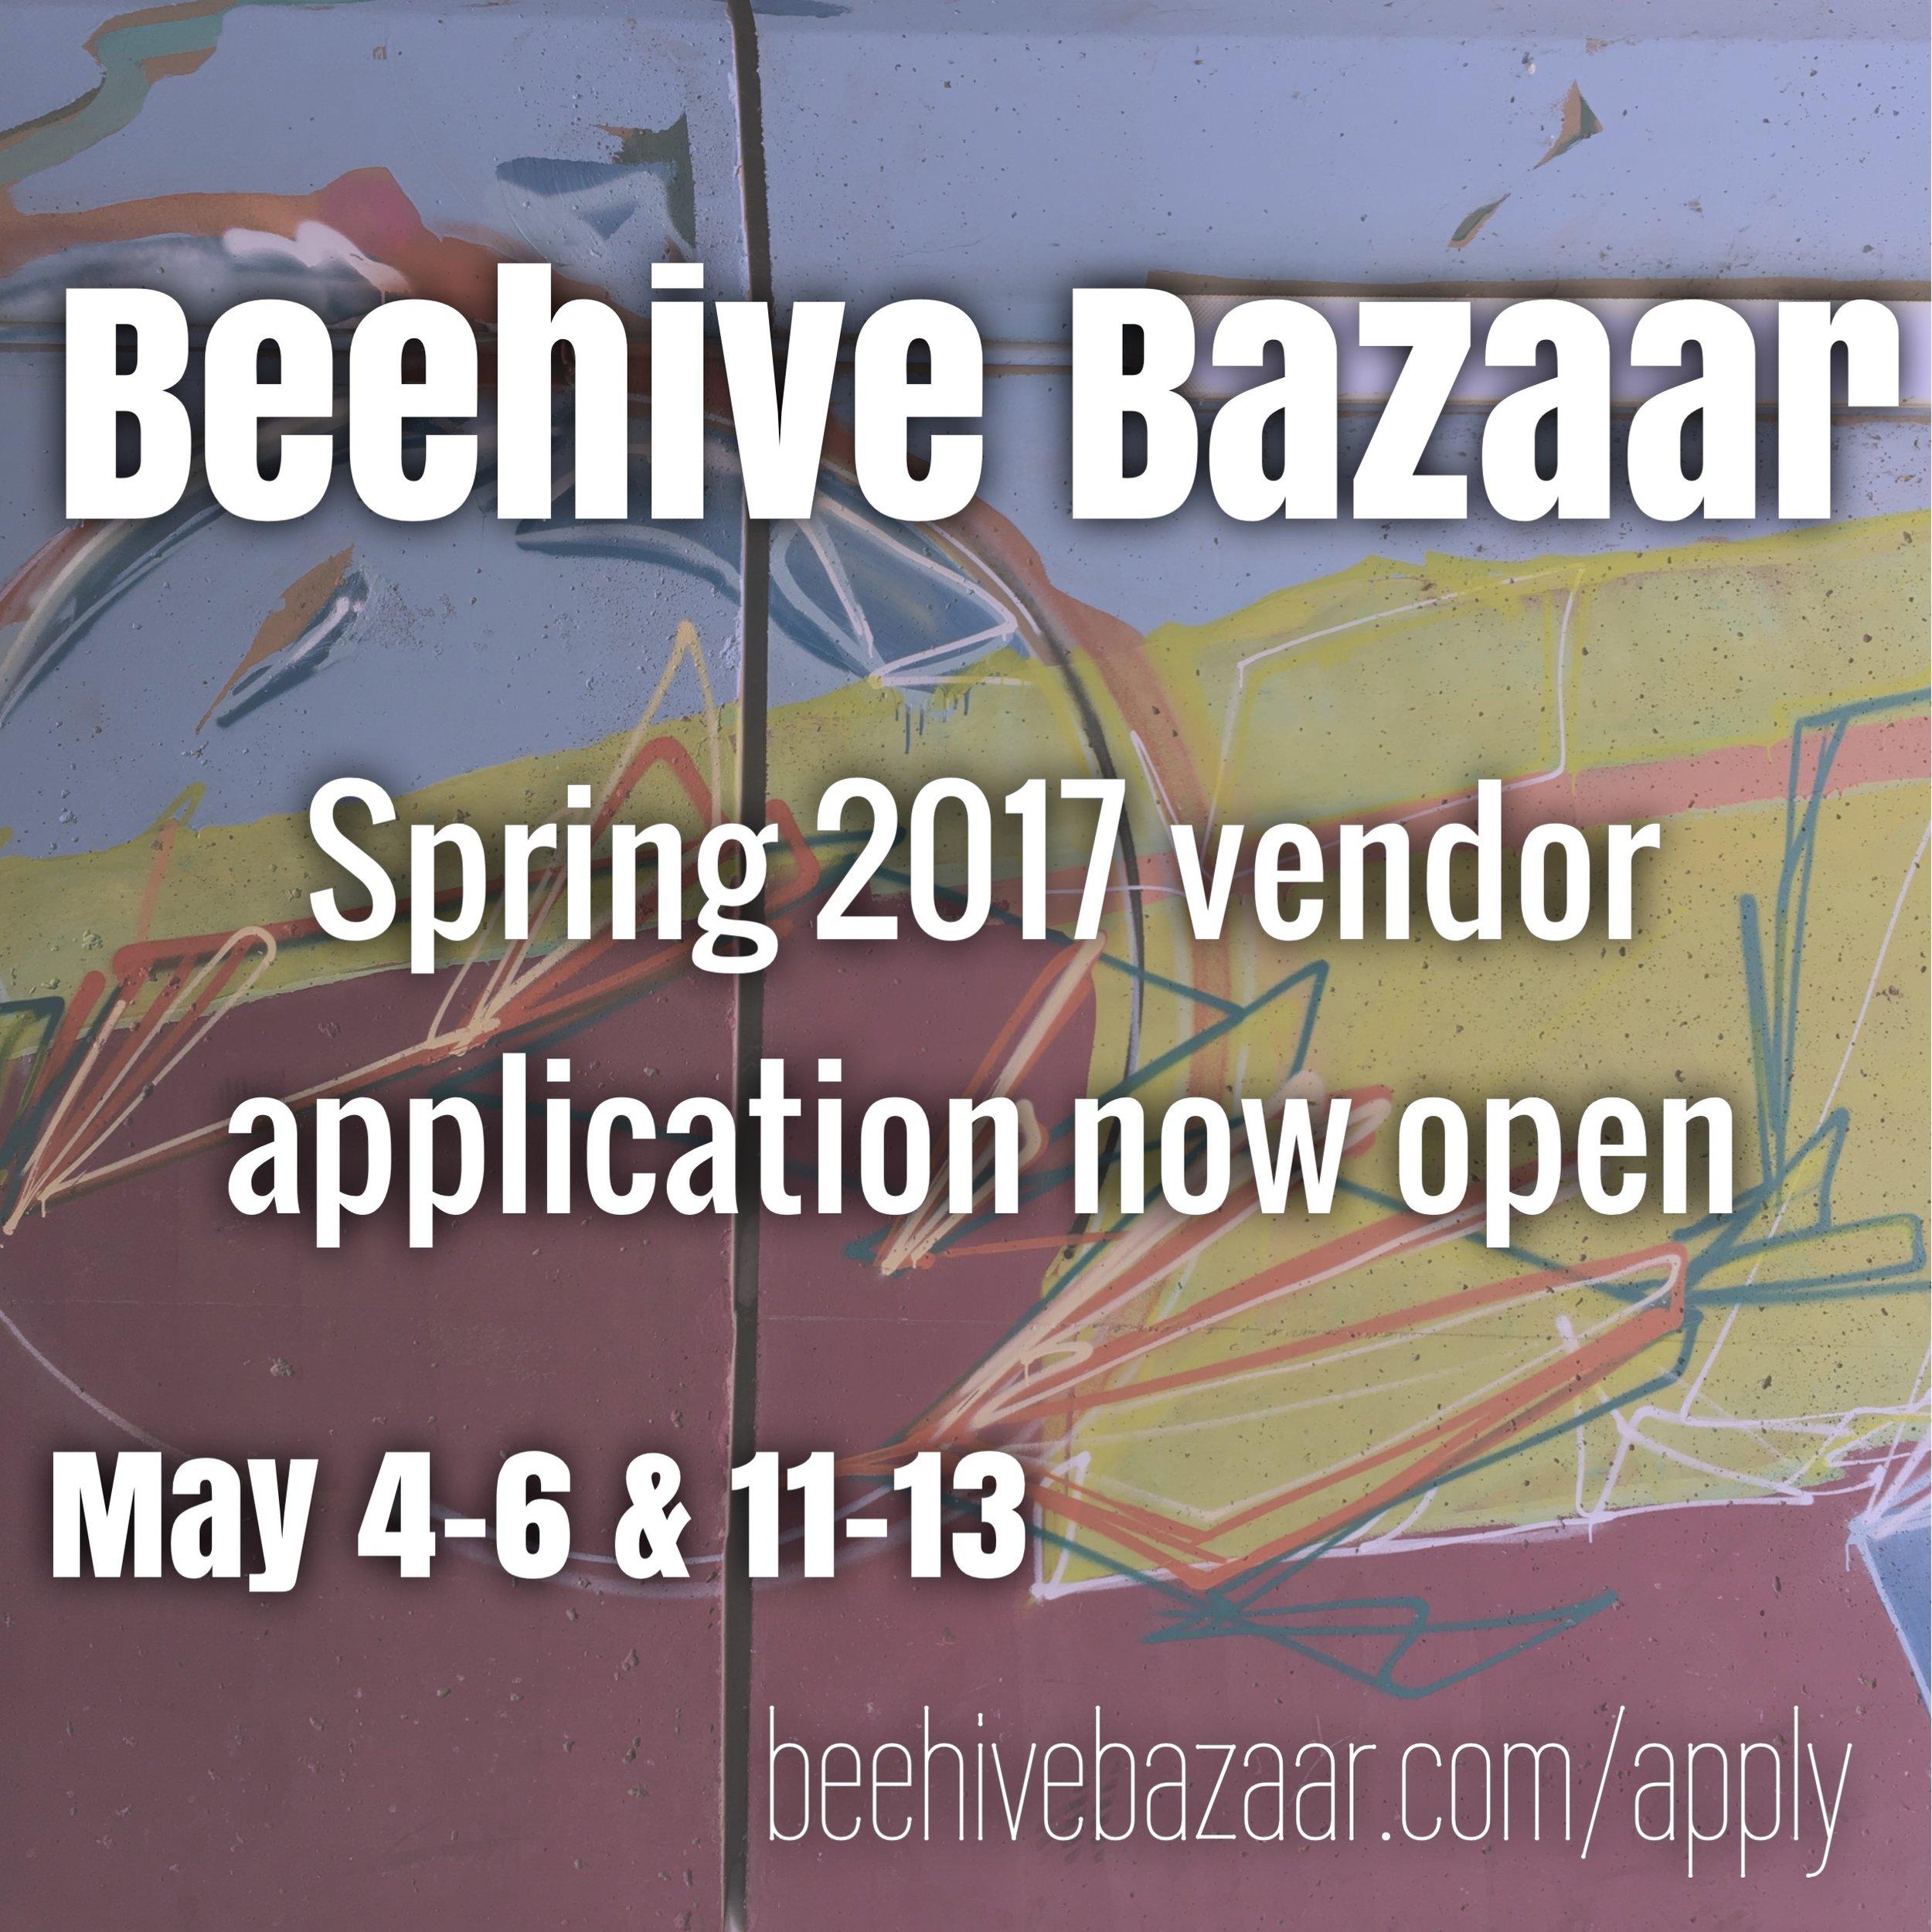 Spring 2017 Beehive Bazaar